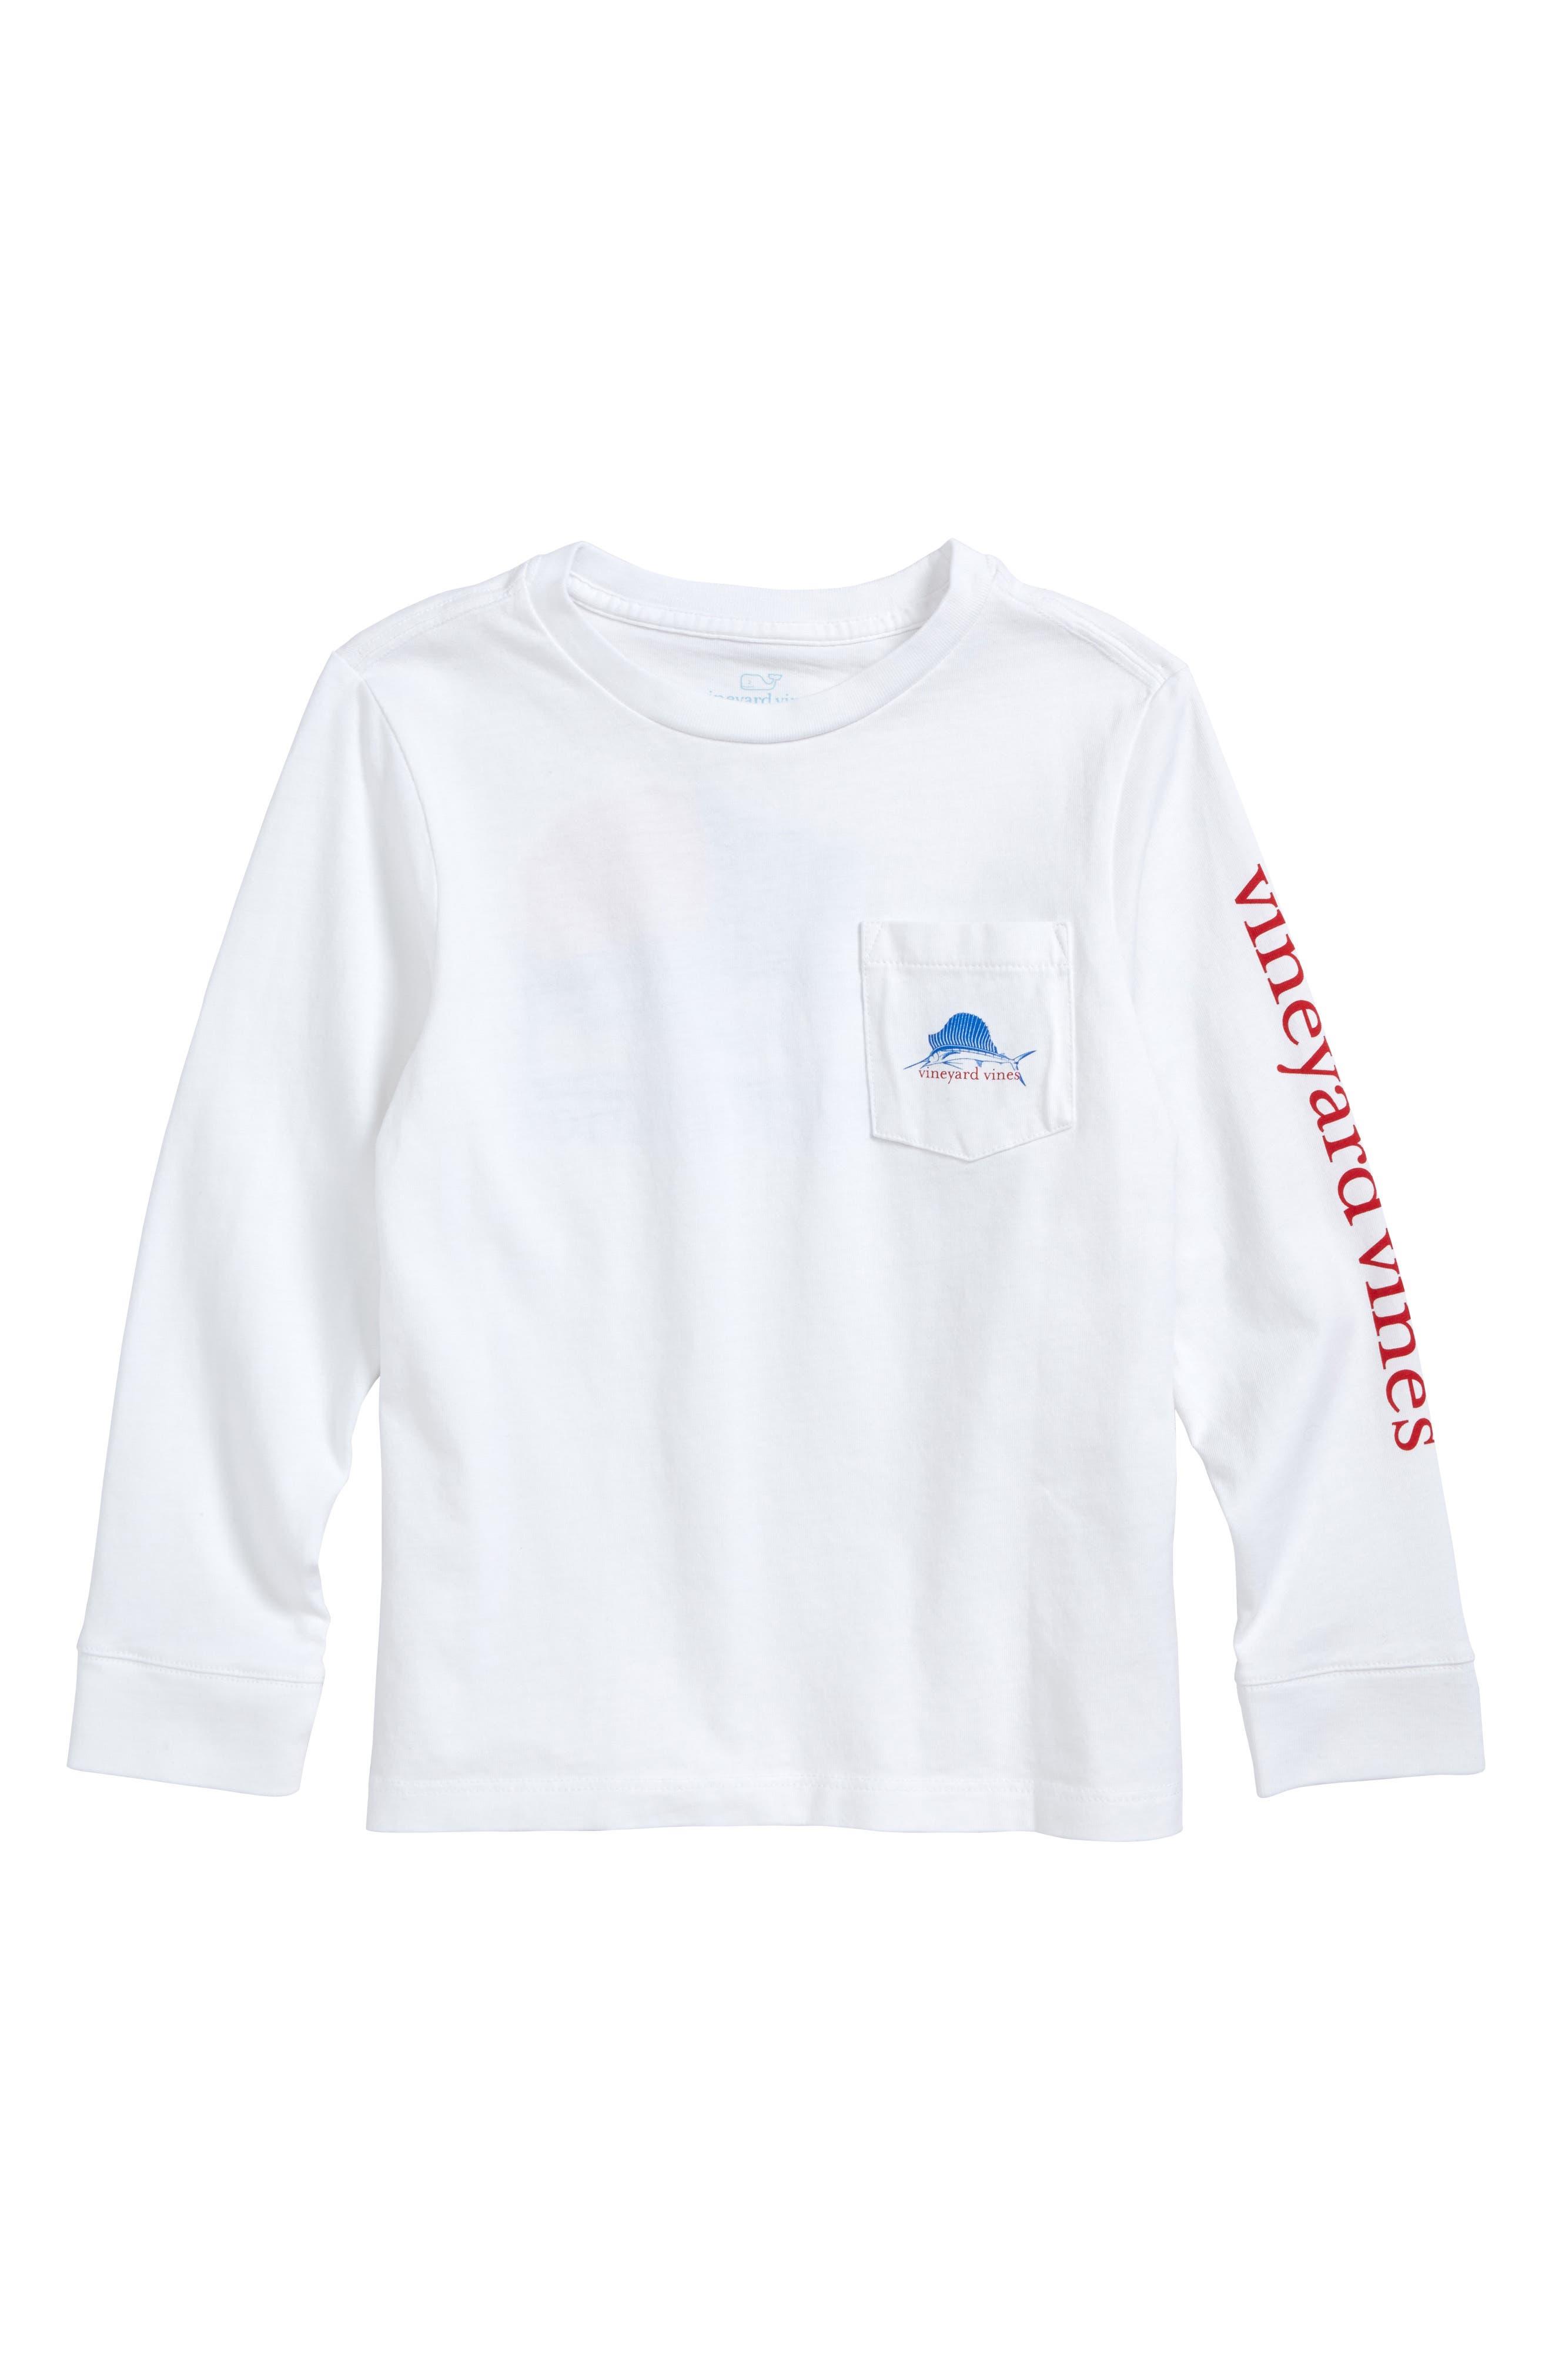 American Sailfish T-Shirt,                             Main thumbnail 1, color,                             100